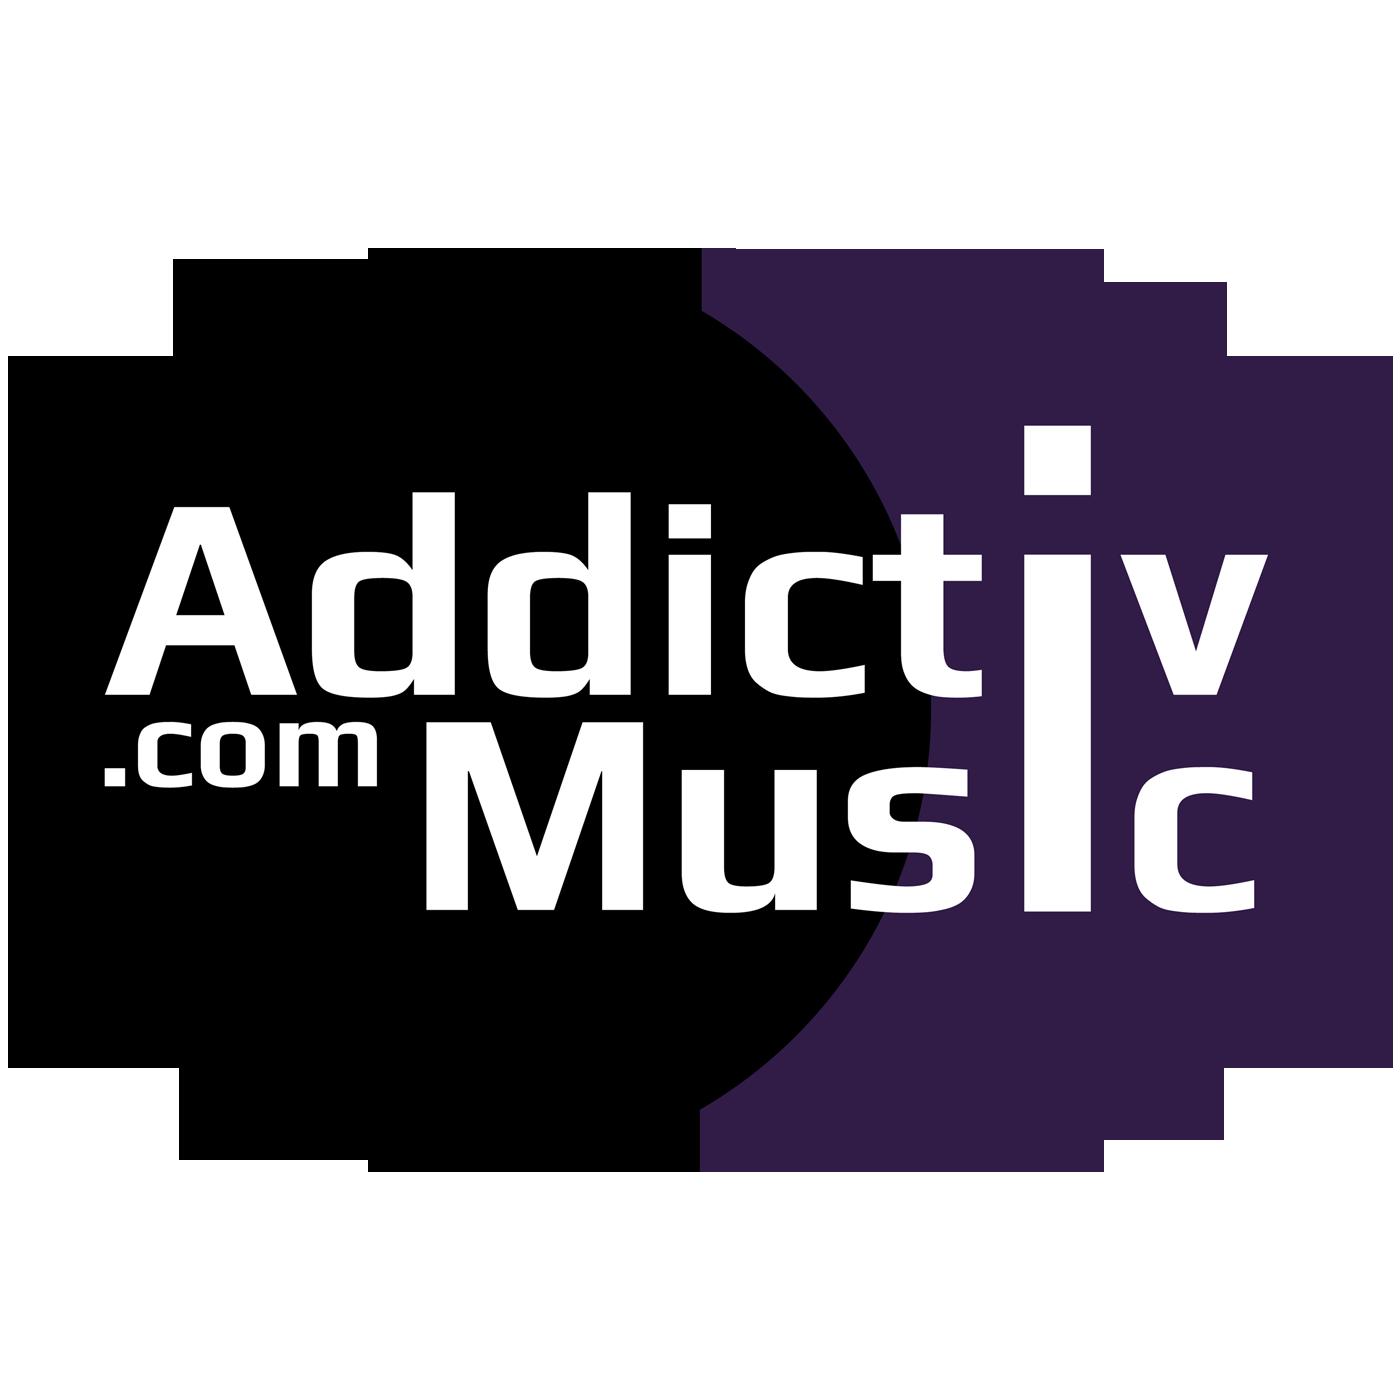 AddictivMusic.com